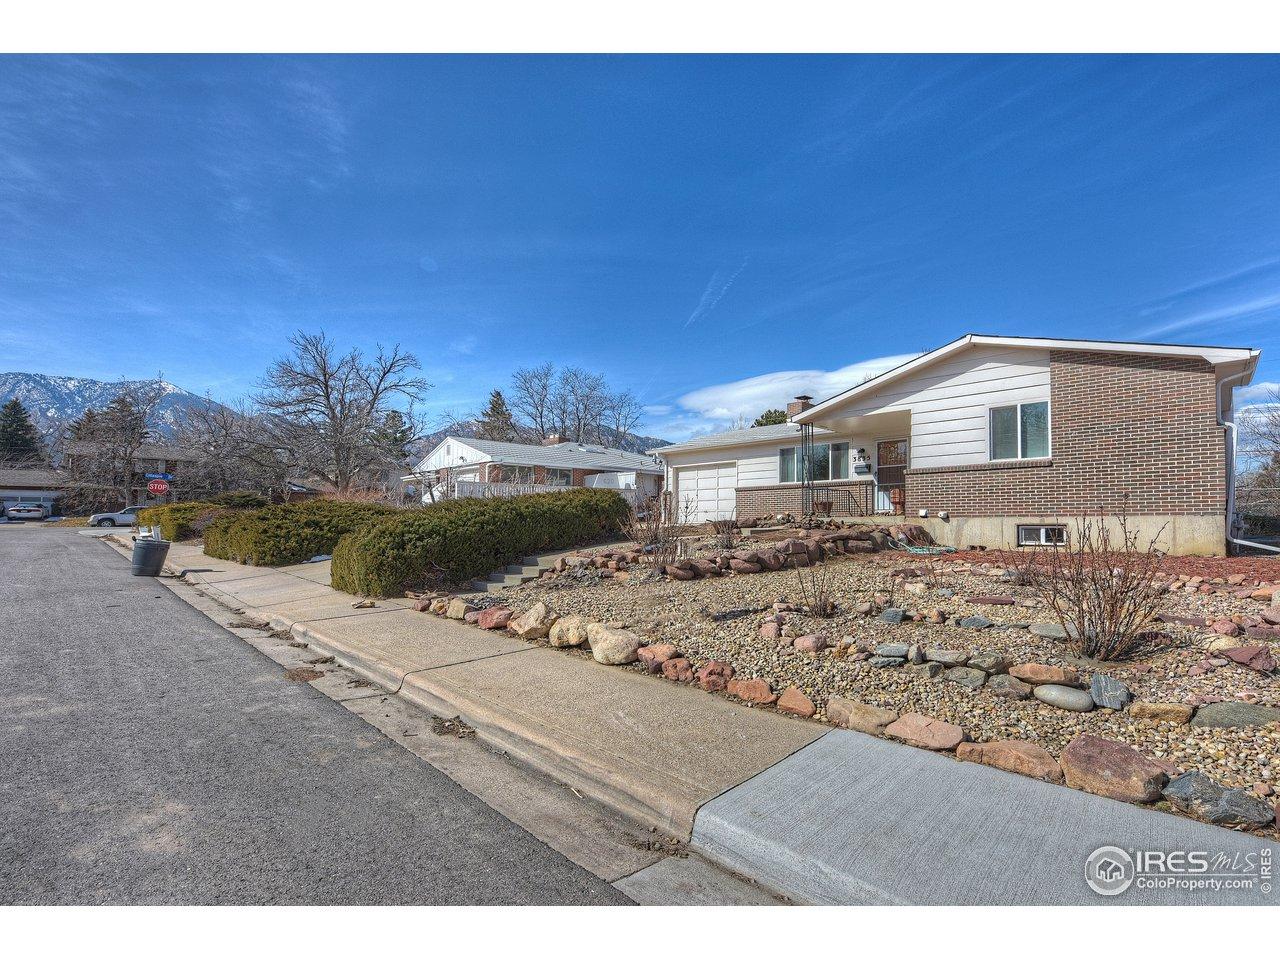 3835 Carlock Dr, Boulder CO 80305